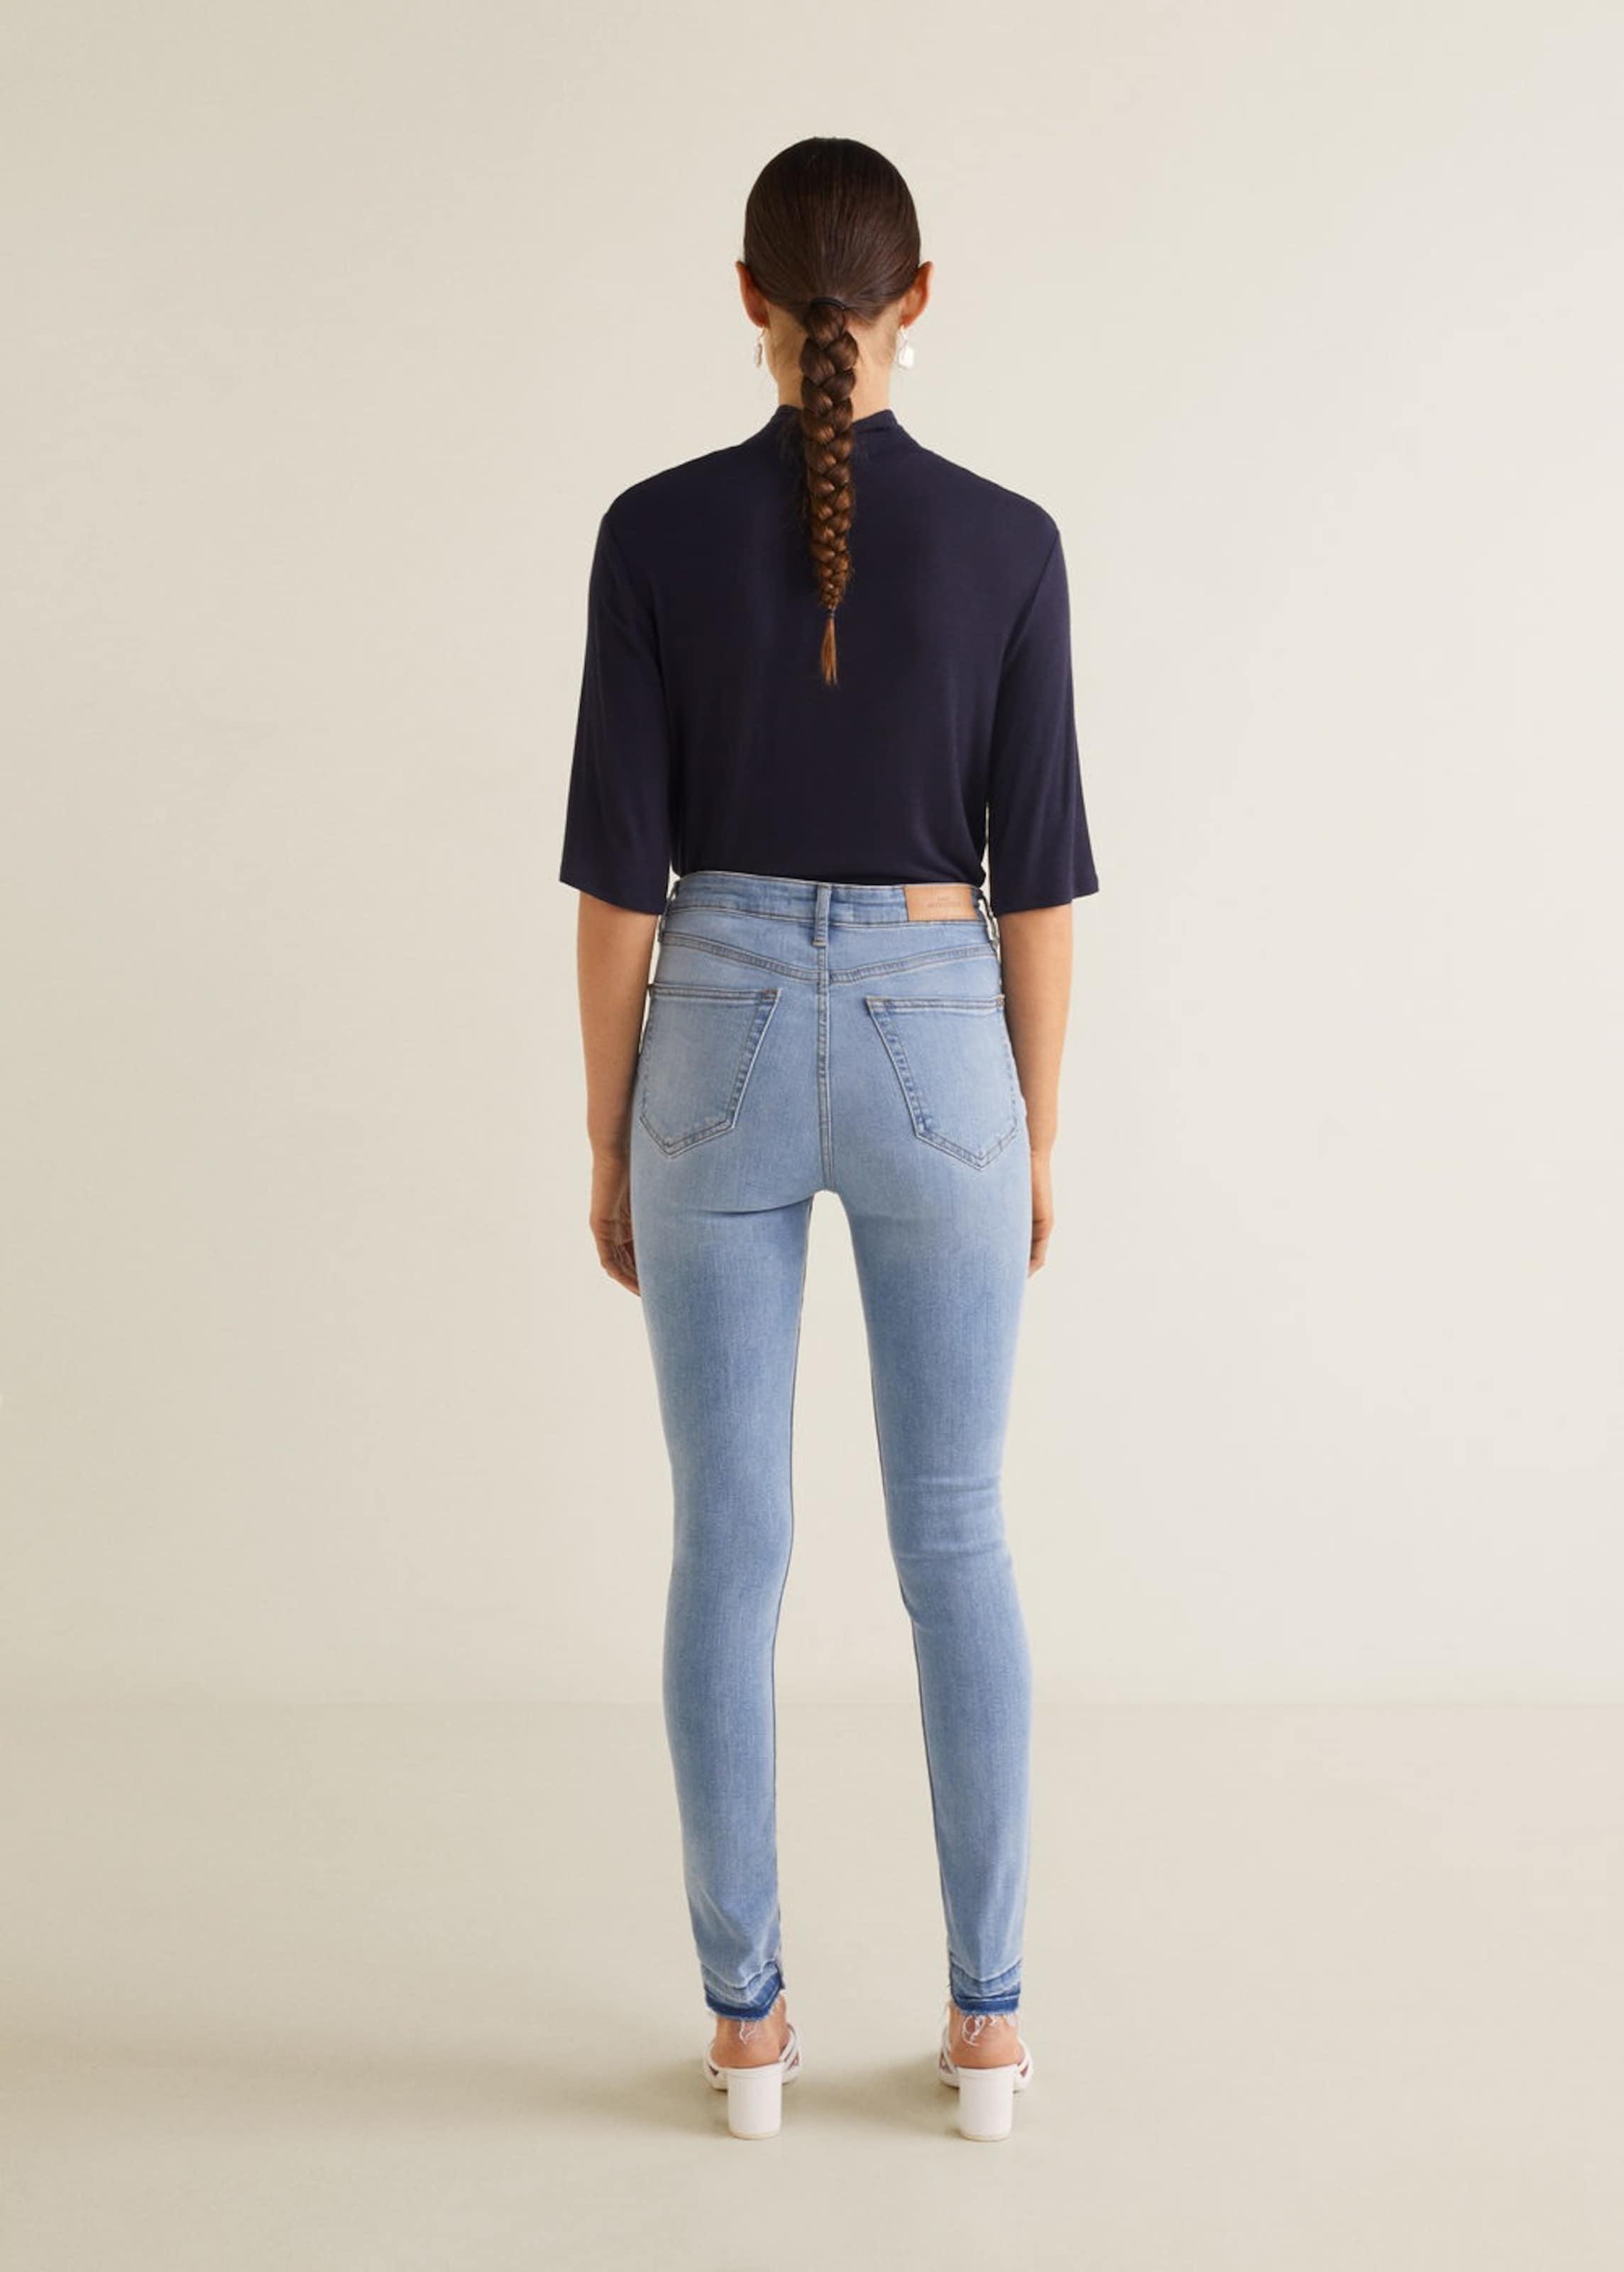 Jeans Hellblau Mango Mango In 'soho' vYb67fgy